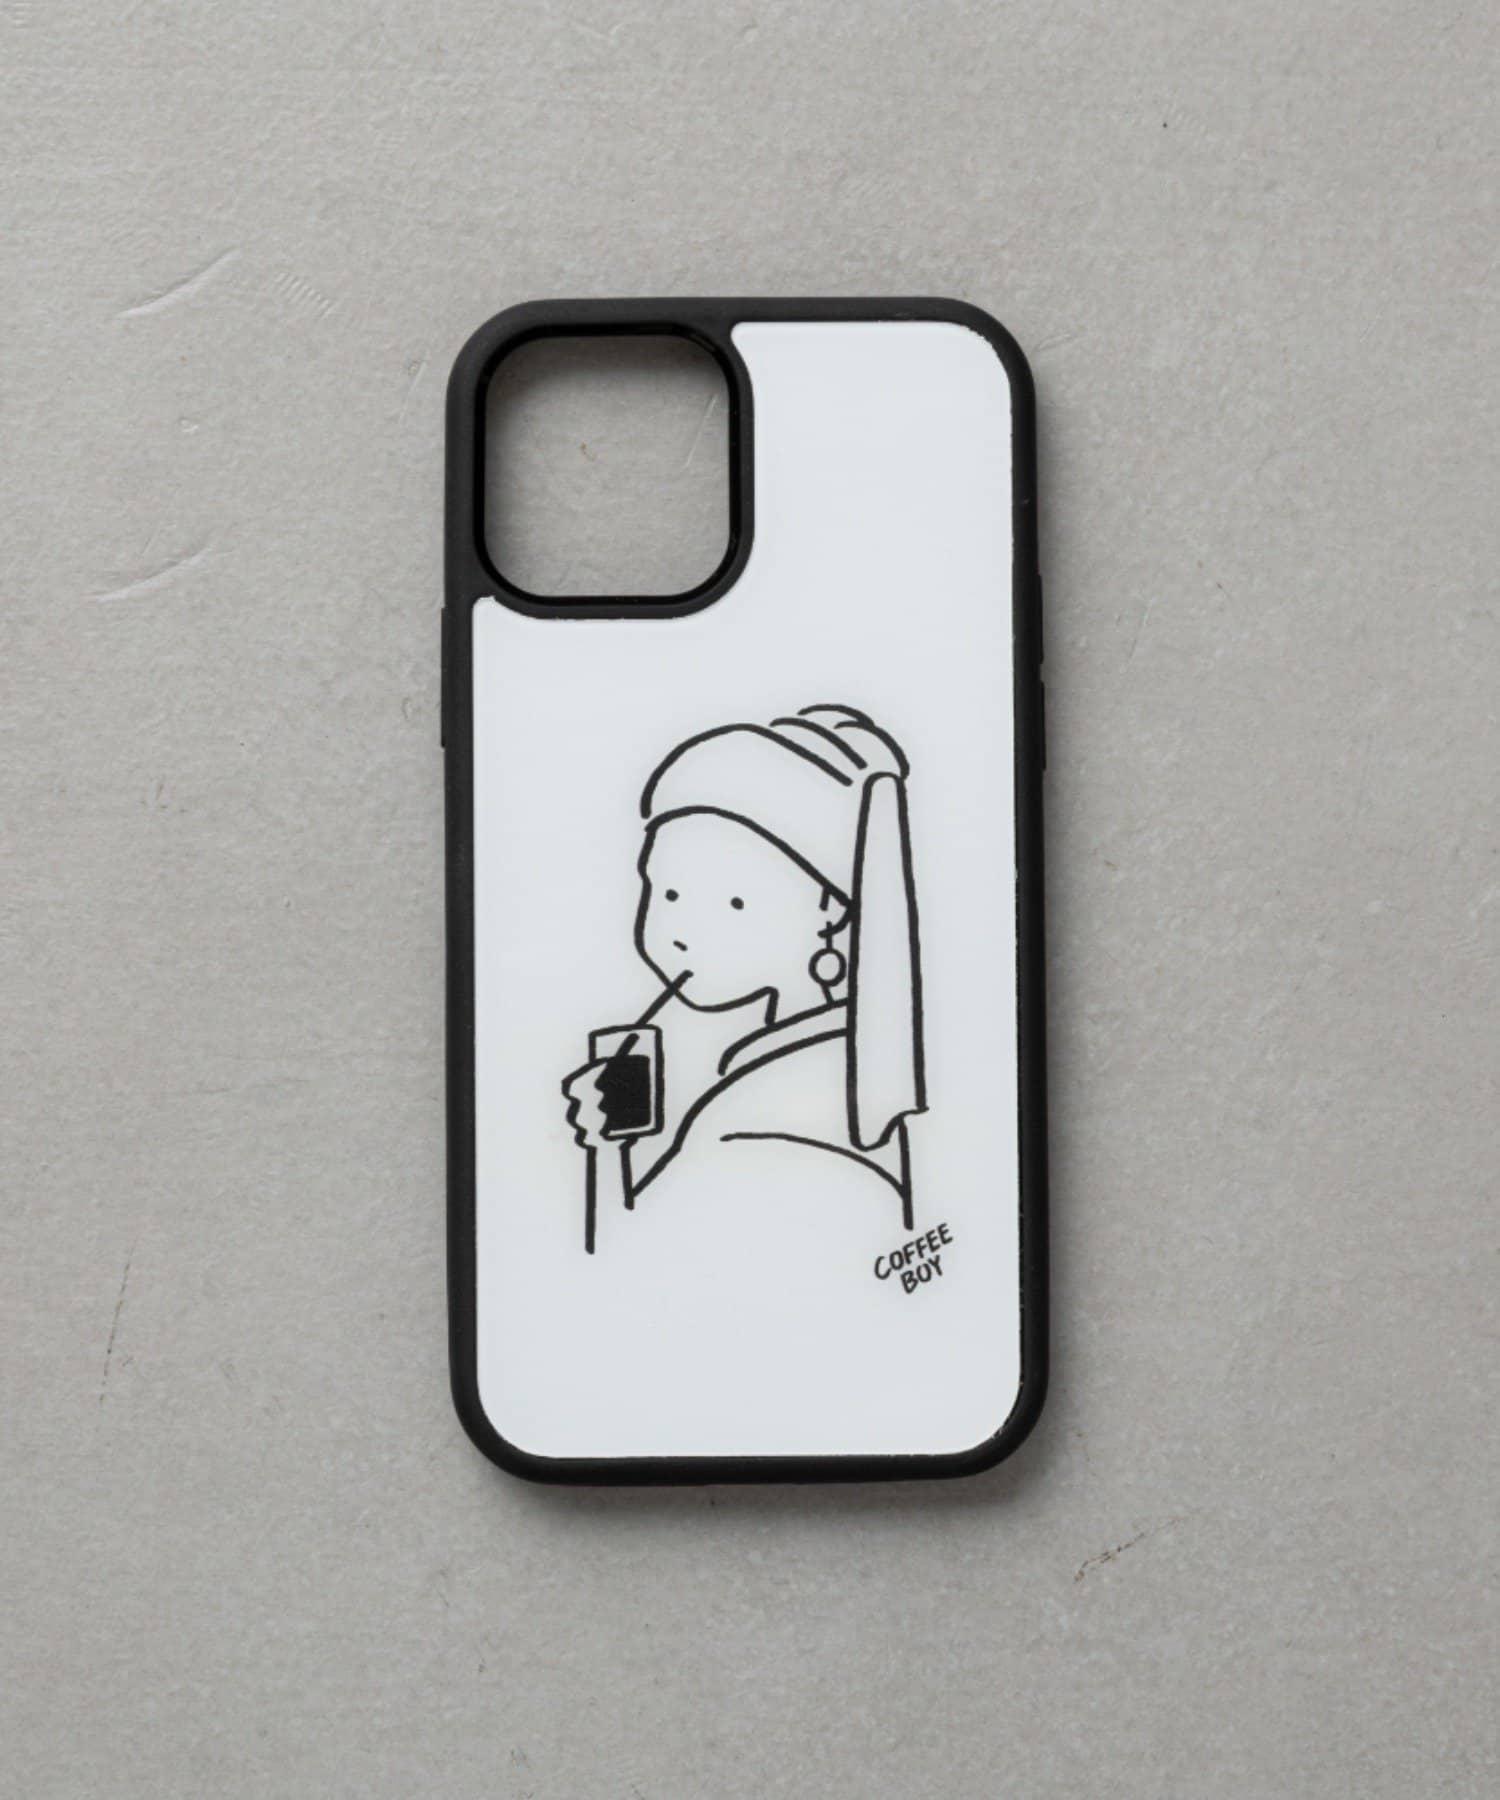 BIRTHDAY BAR(バースデイバー) レディース 【受注予約】COFFEE BOY iPhoneケース アイボリー